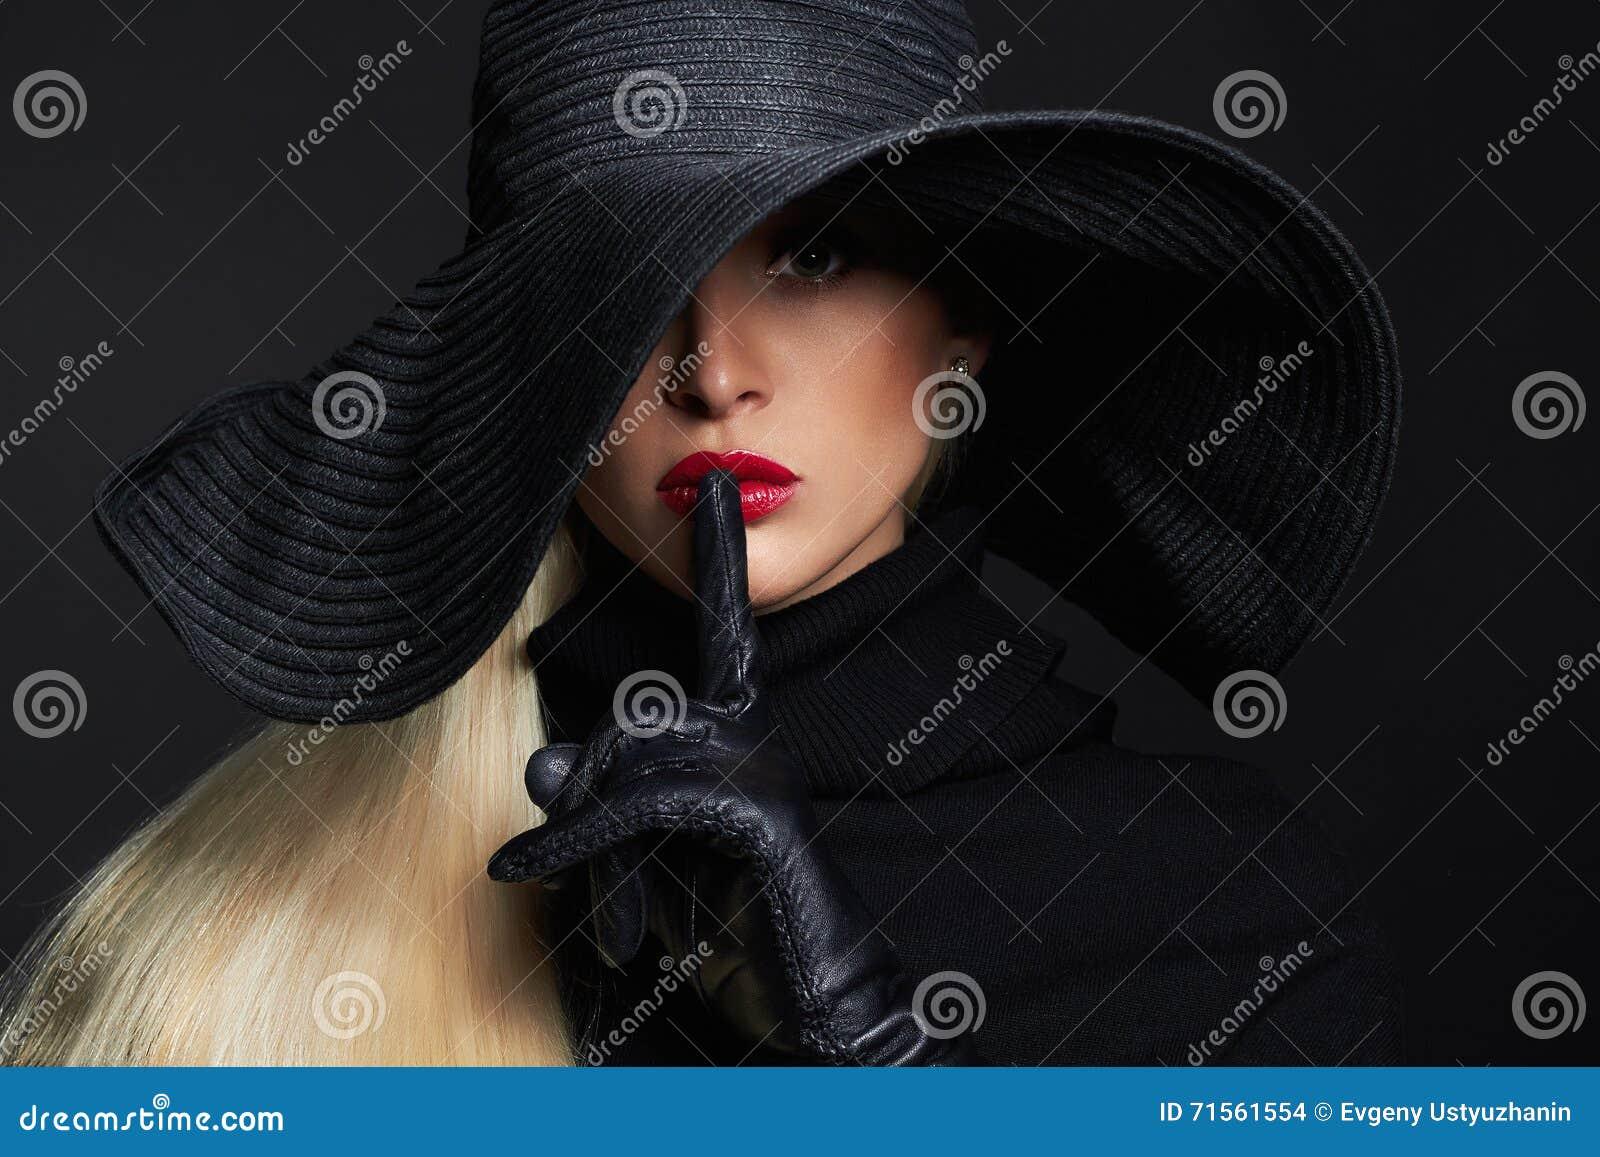 Красивая женщина в шляпе и кожаных перчатках Ретро девушка фотомодели иллюстрации halloween штольни мои пожалуйста см